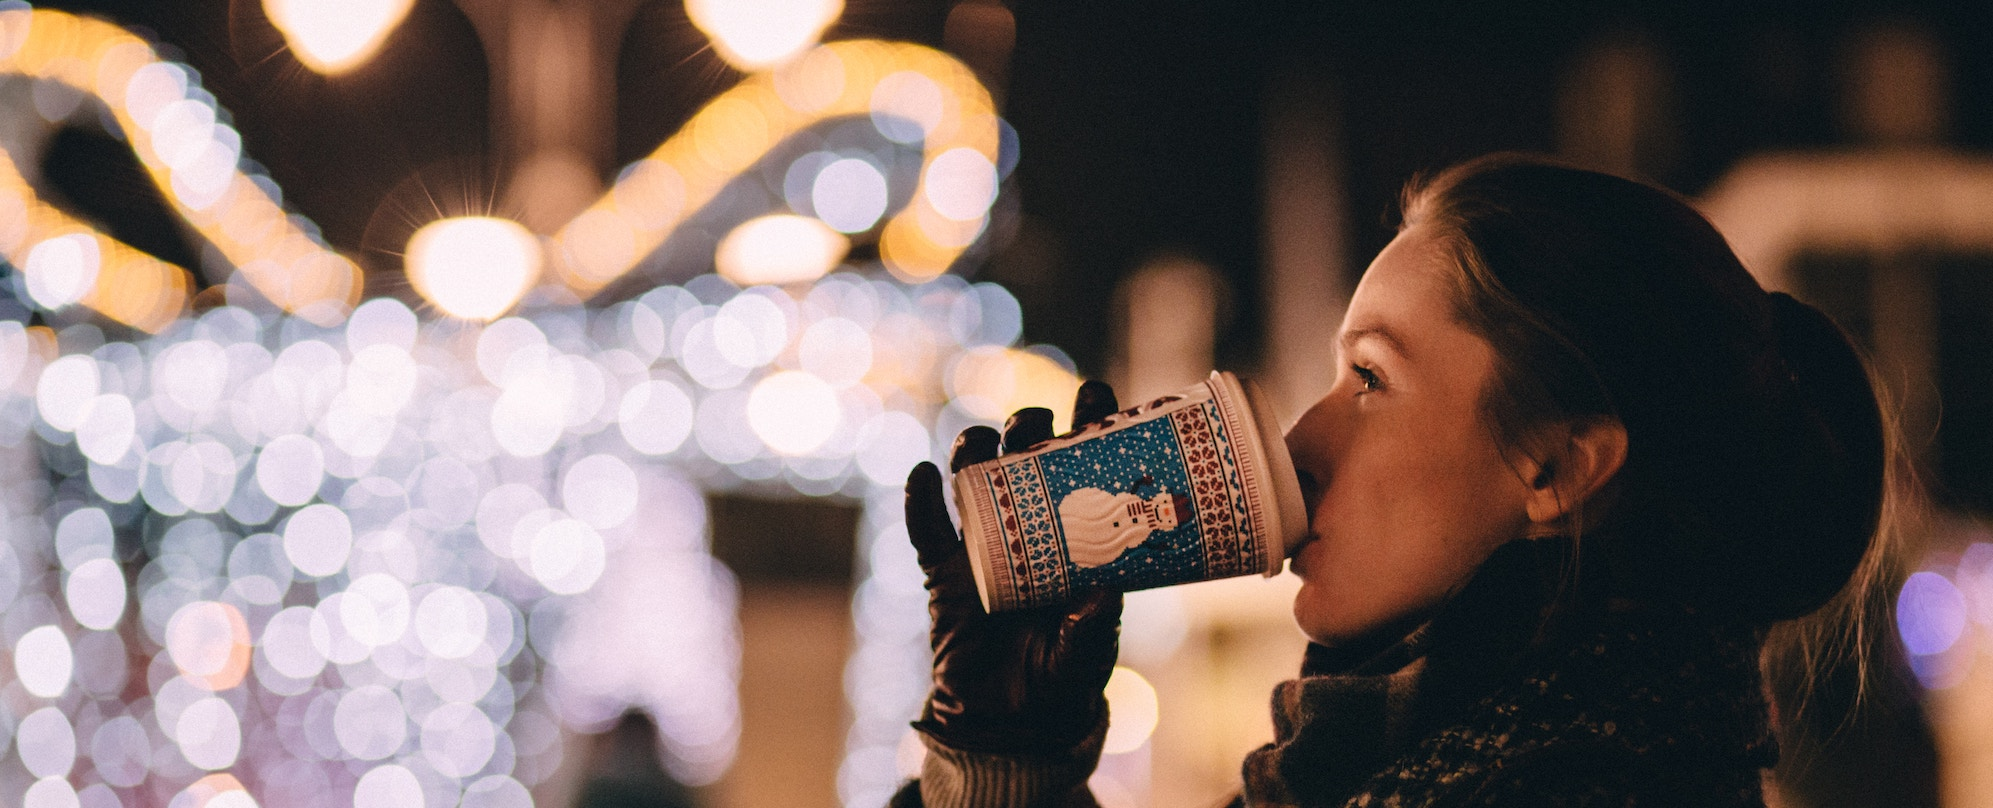 Ab Freitag, dem 25.10. rieseln die Termine zur Weihnachtszeit in deinen Salon